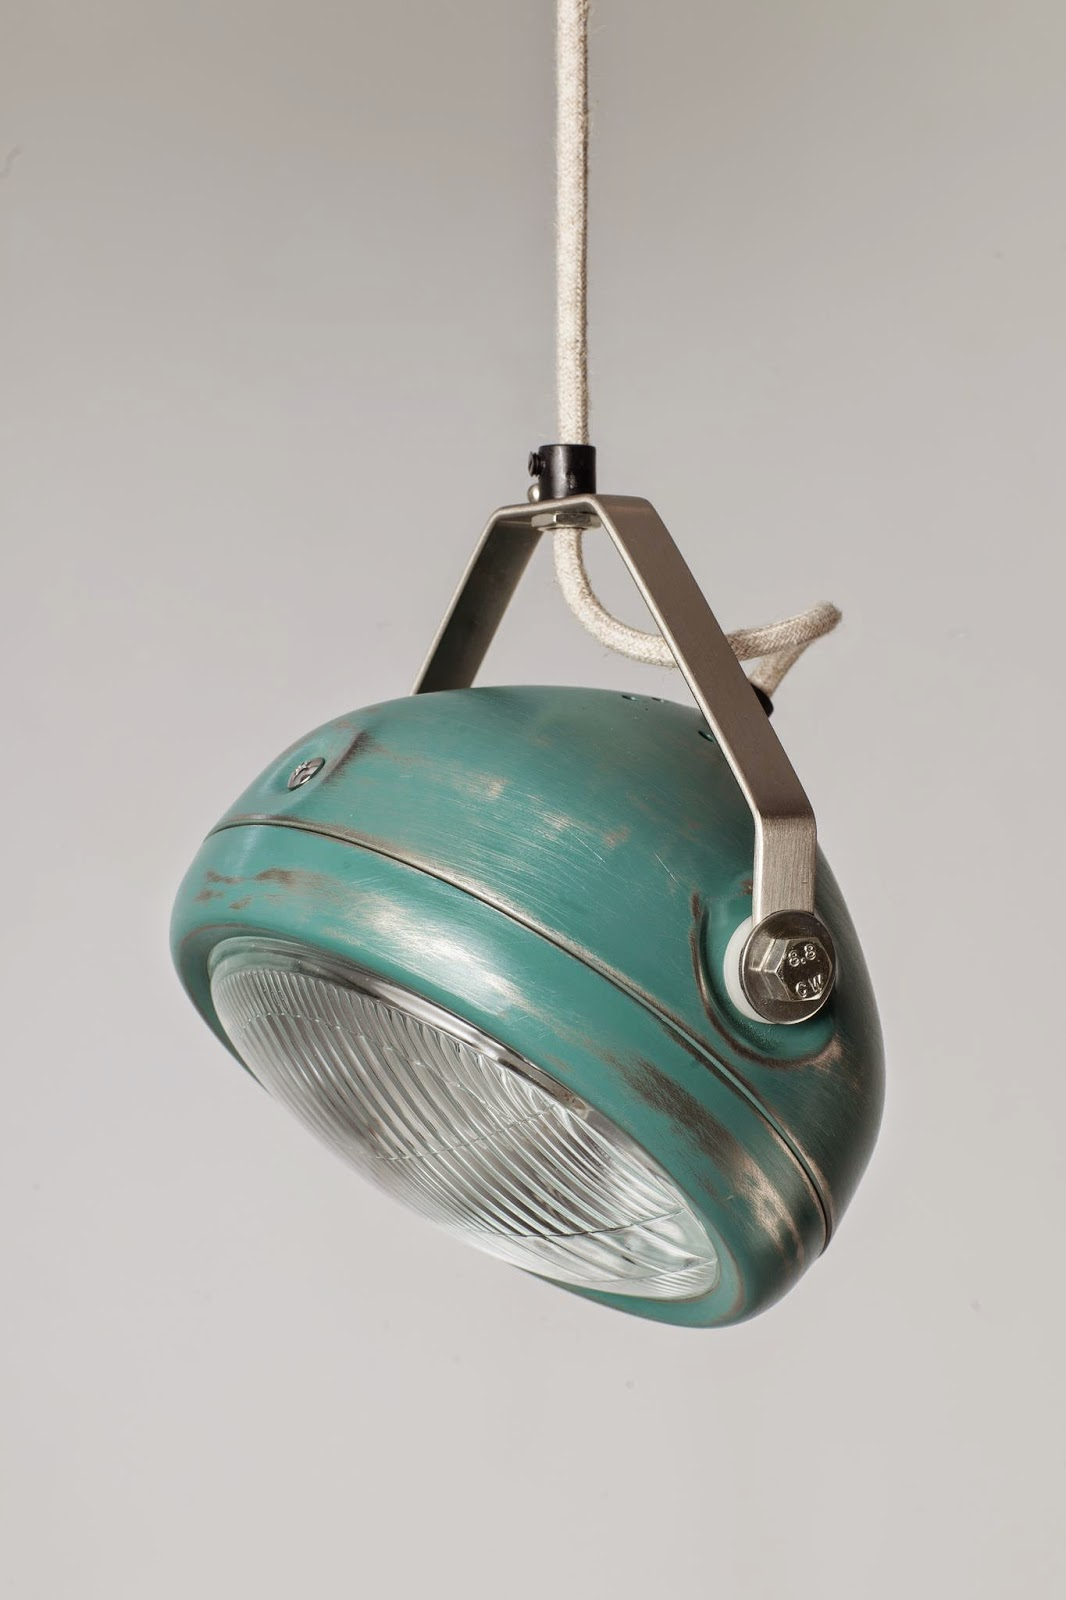 Industriele Hanglamp Keuken : Blog: inspiratie voor interieur & verlichting: De 5 ?must havens